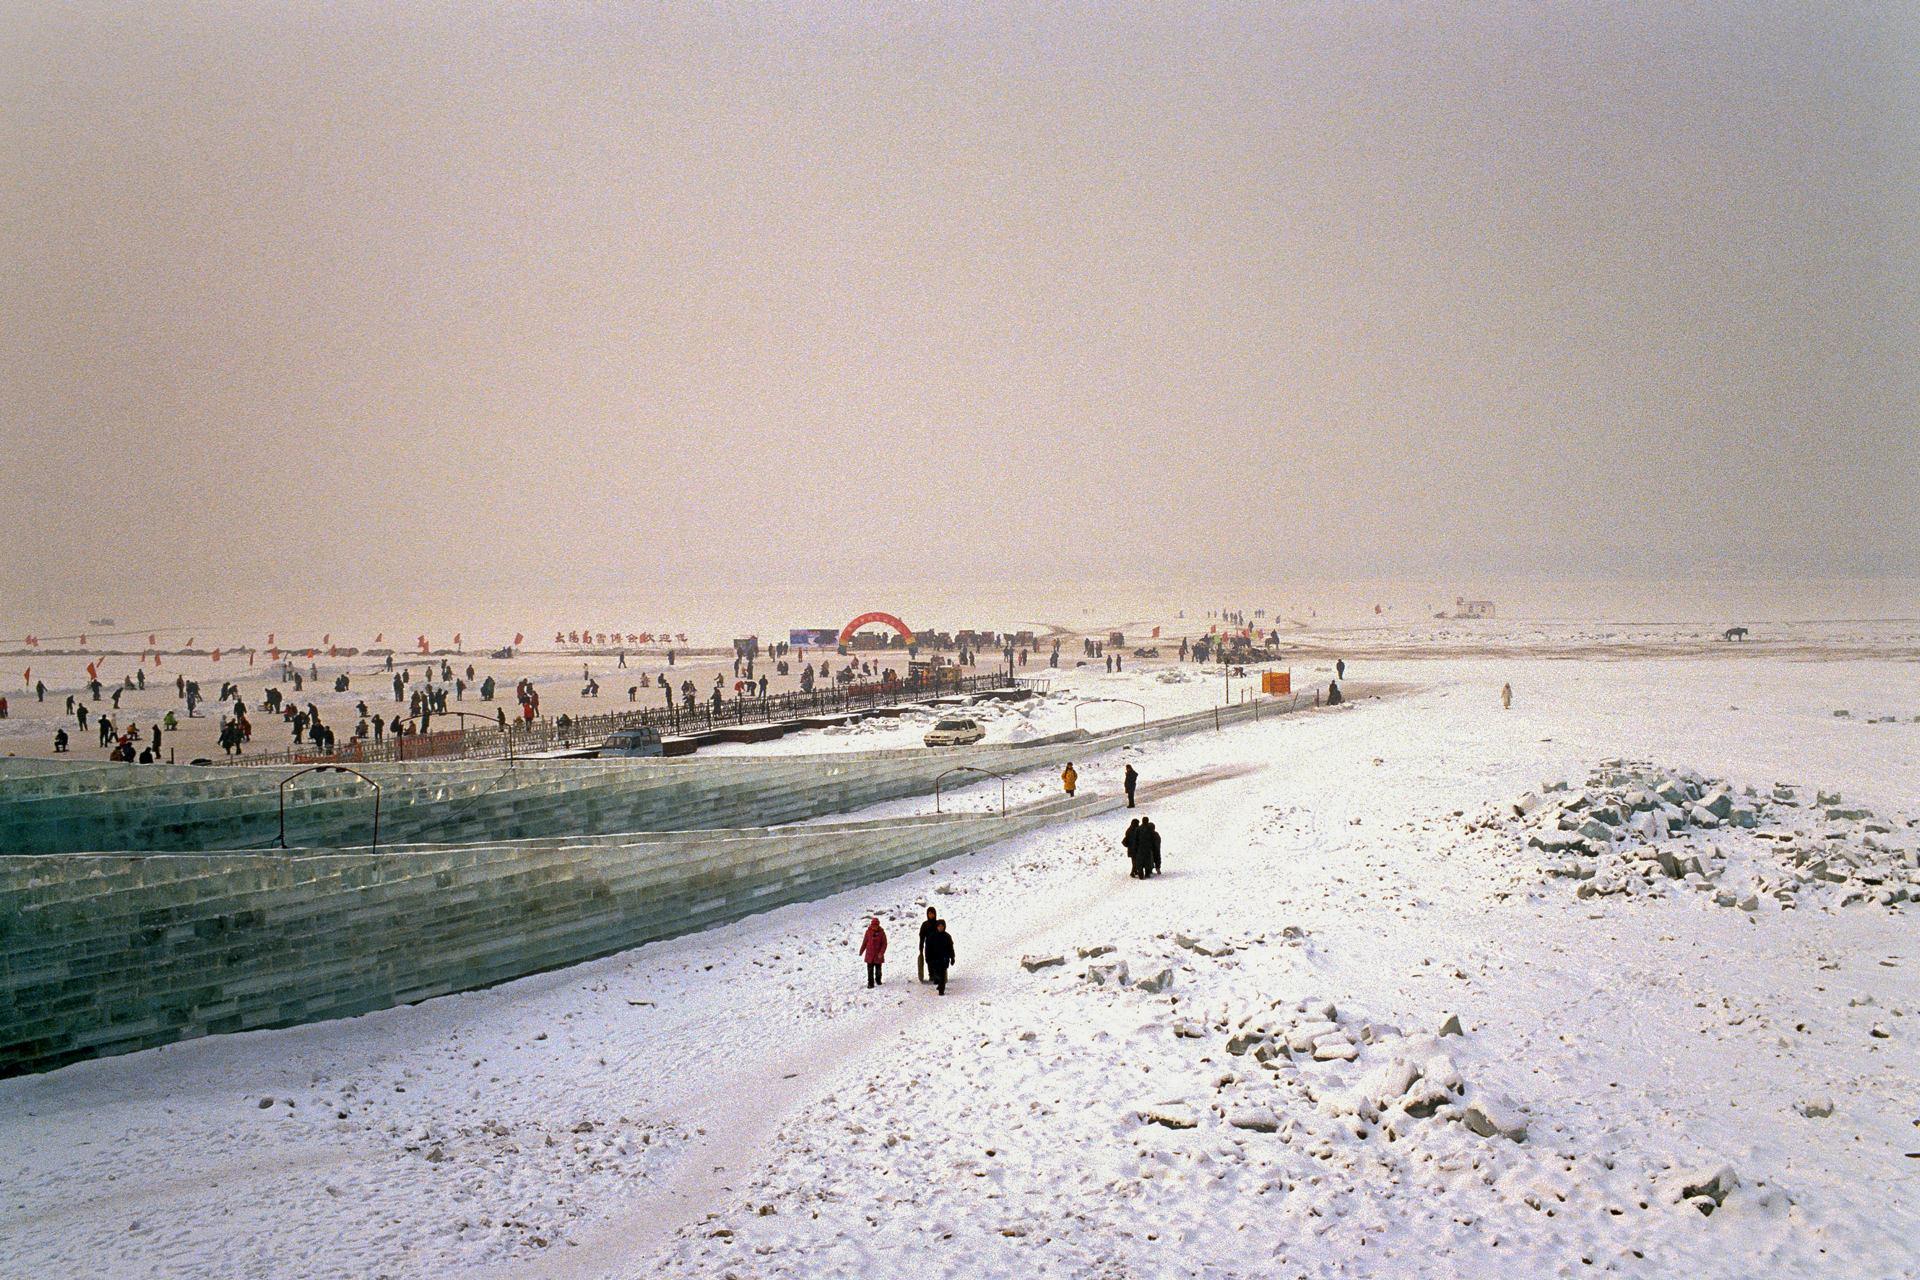 Sur le fleuve gelé (Harbin, Chine)